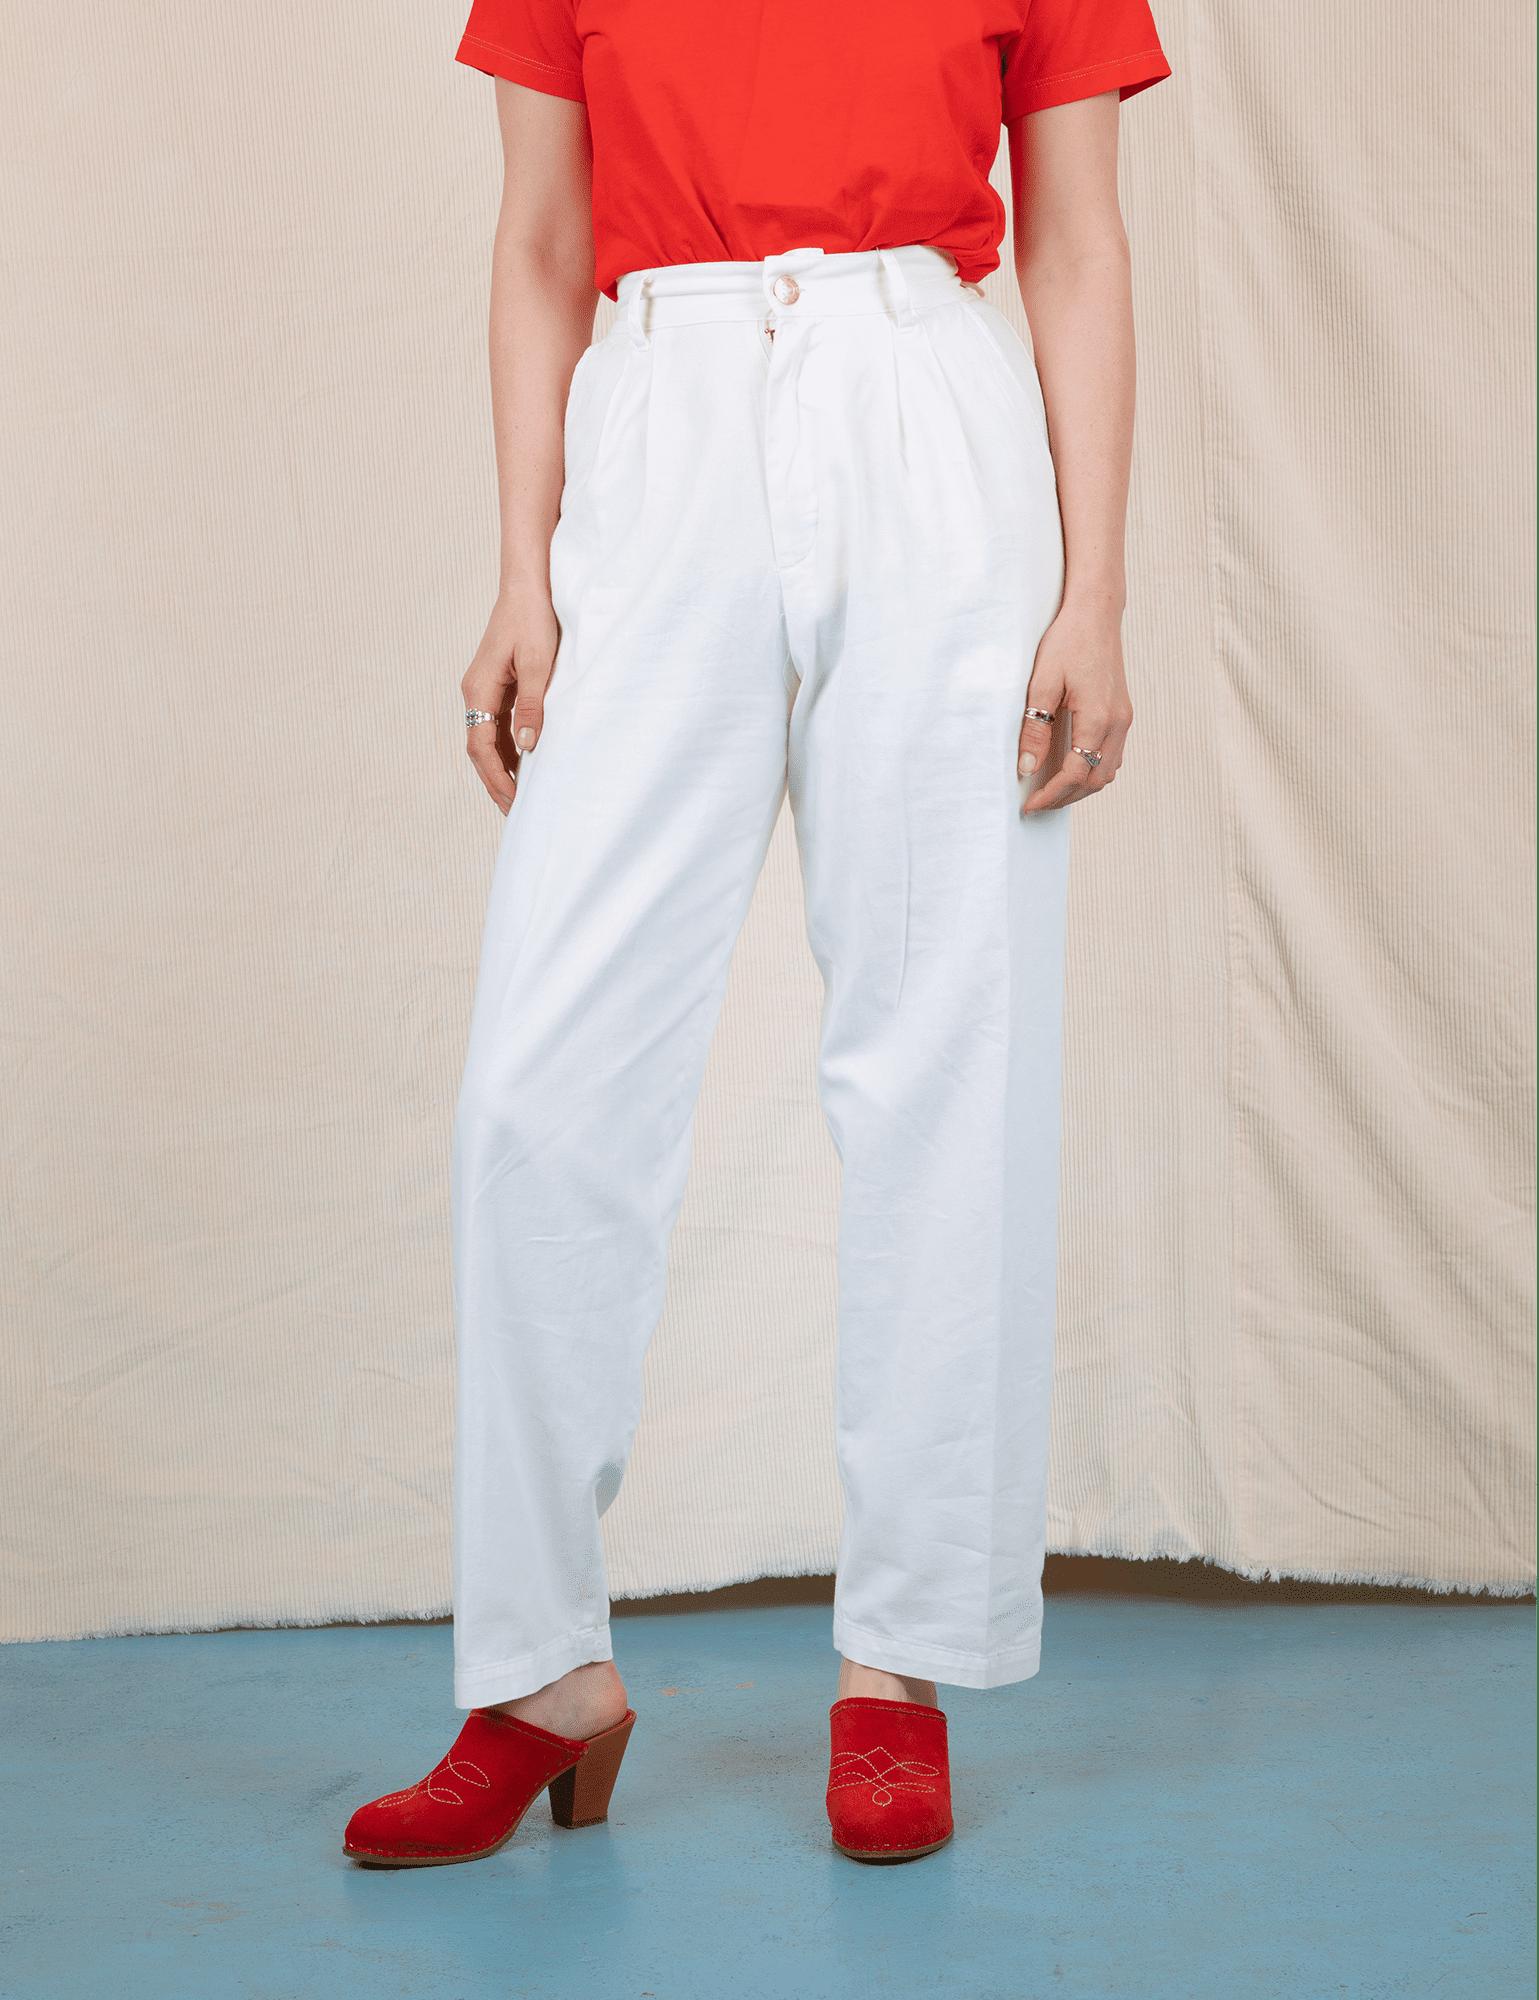 Big Bud Trousers Loose Pants